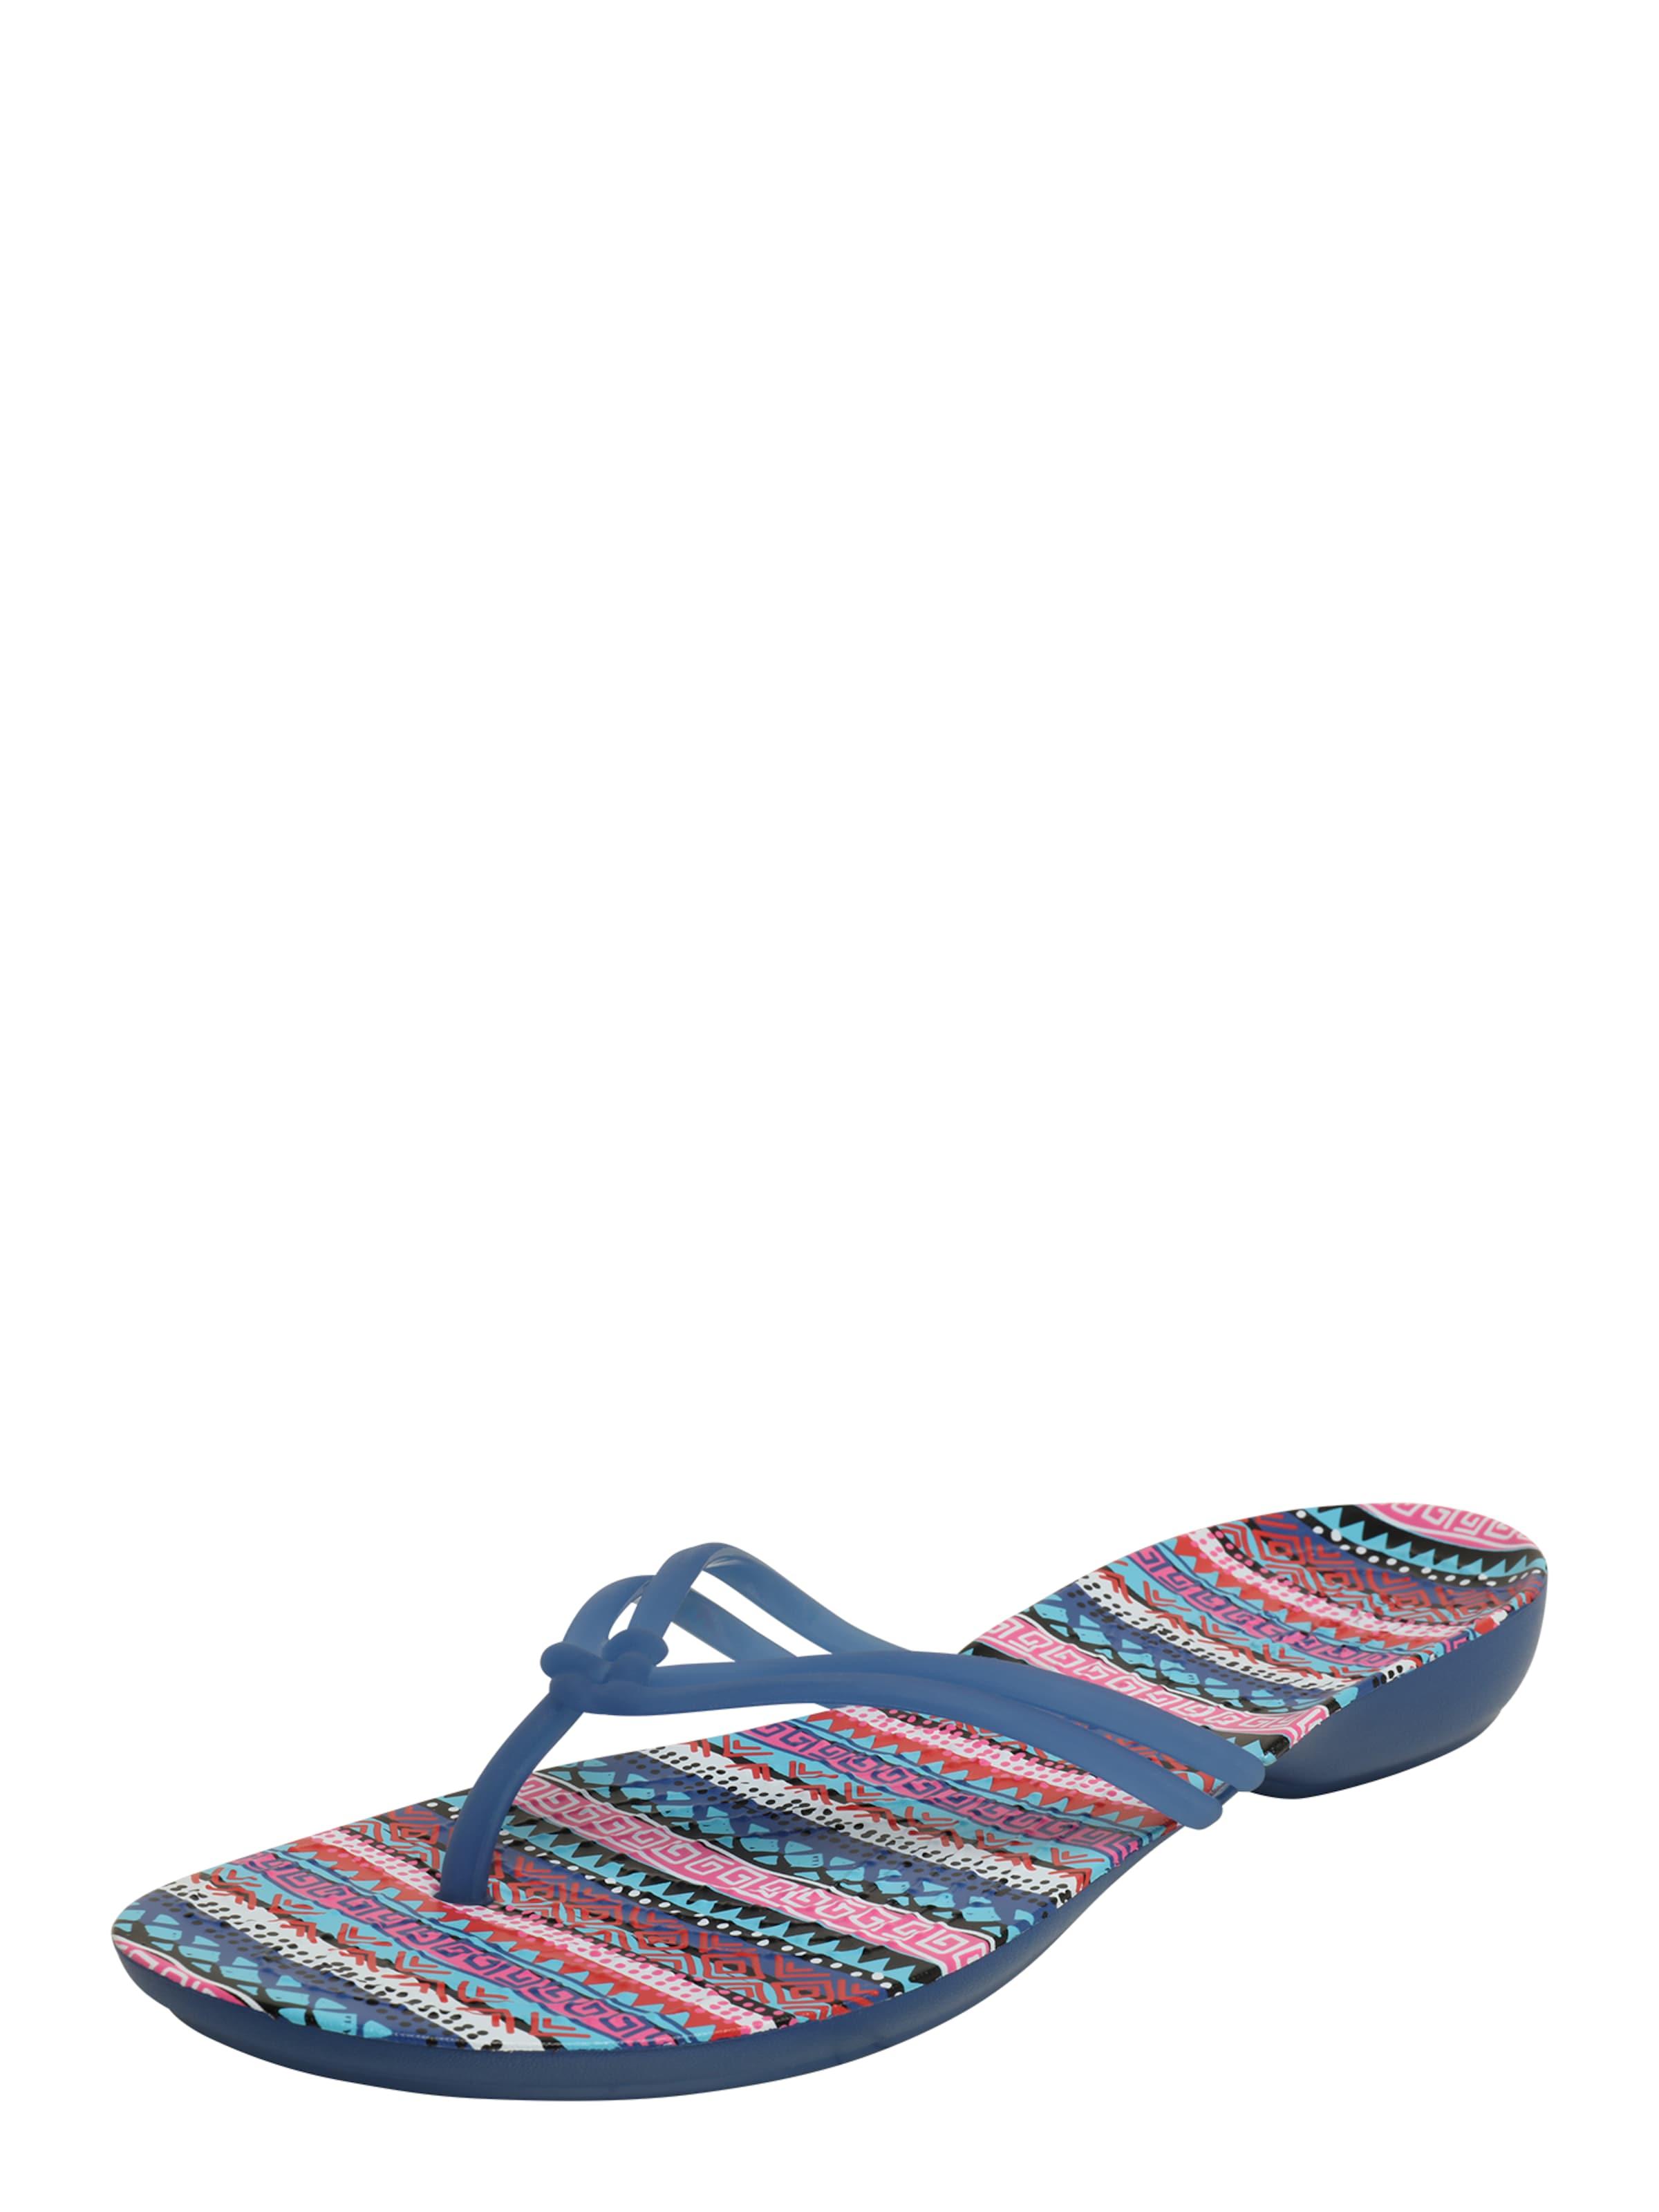 Crocs Zehentrennersandale Isabella Graphic Verschleißfeste billige Schuhe